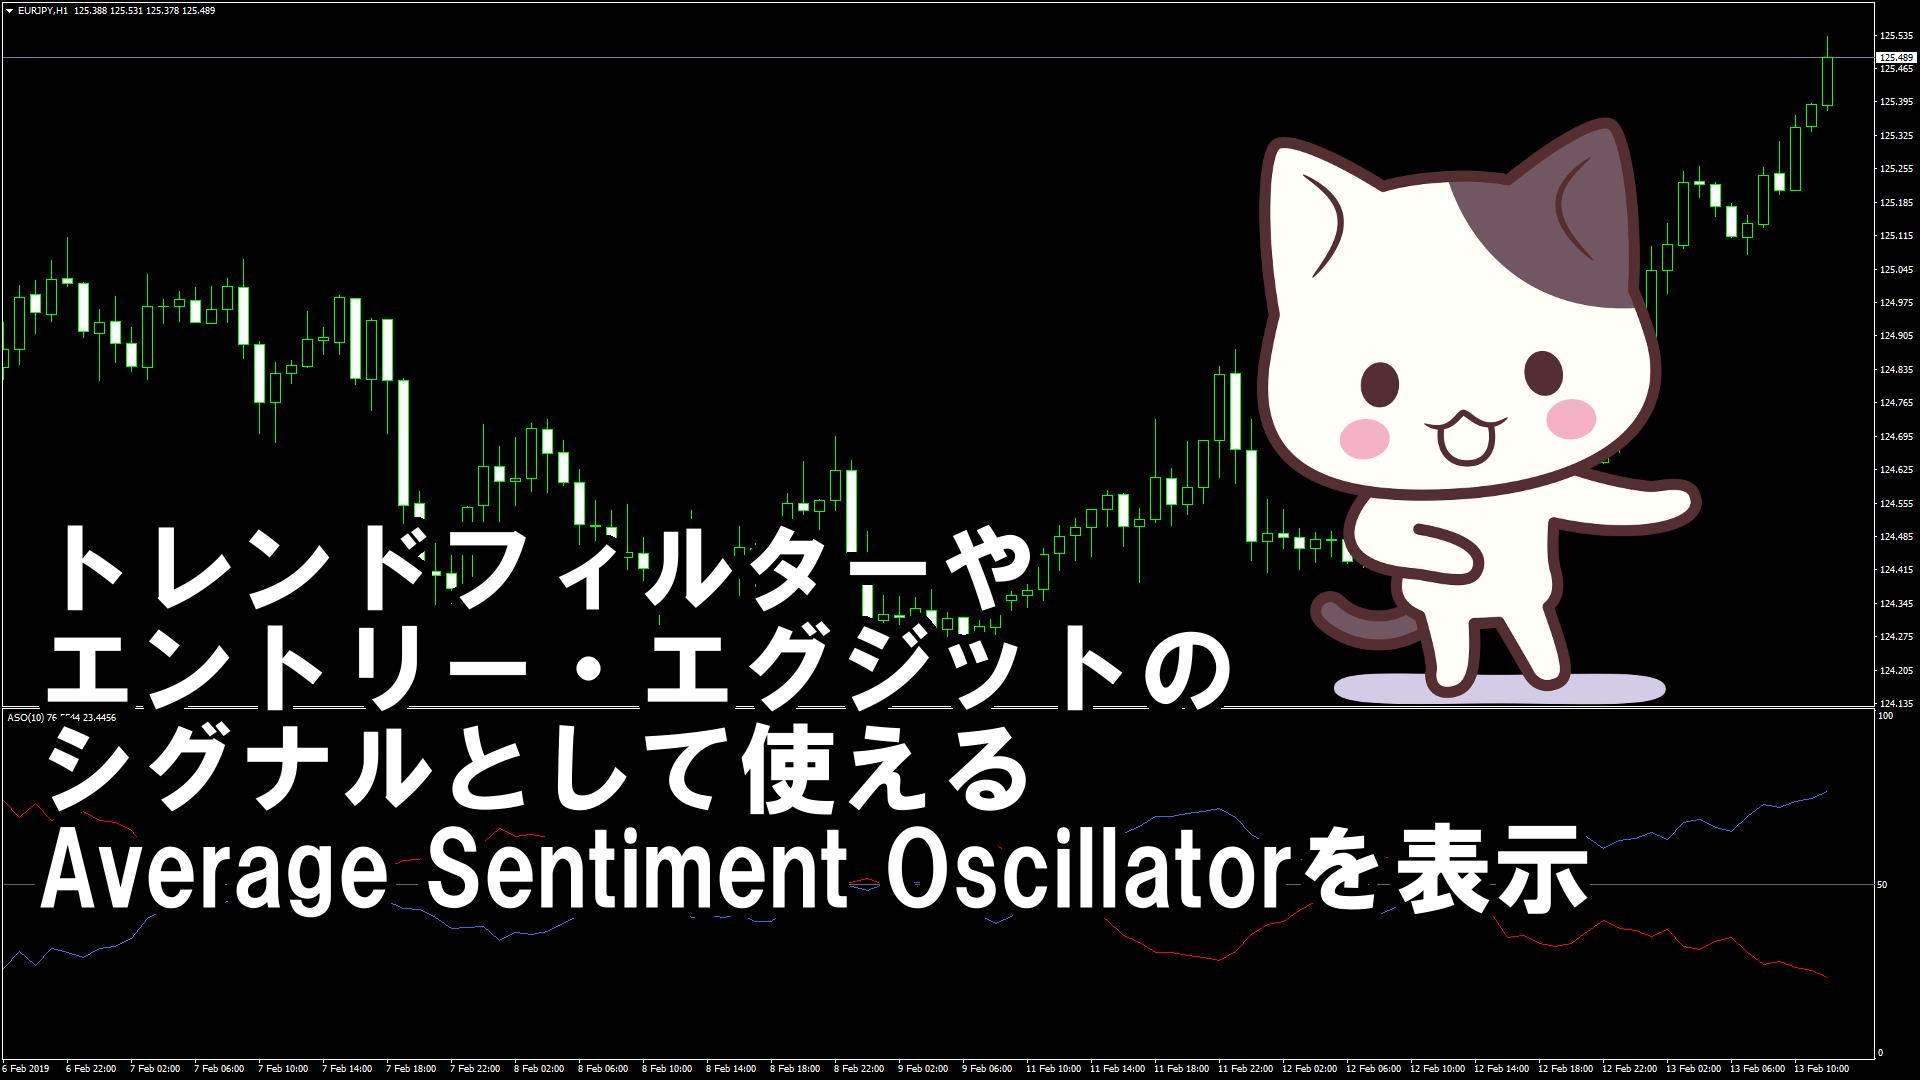 トレンドフィルターやエントリー・エグジットのシグナルとして使えるAverage Sentiment Oscillatorを表示するMT4インジケーター『ASO』